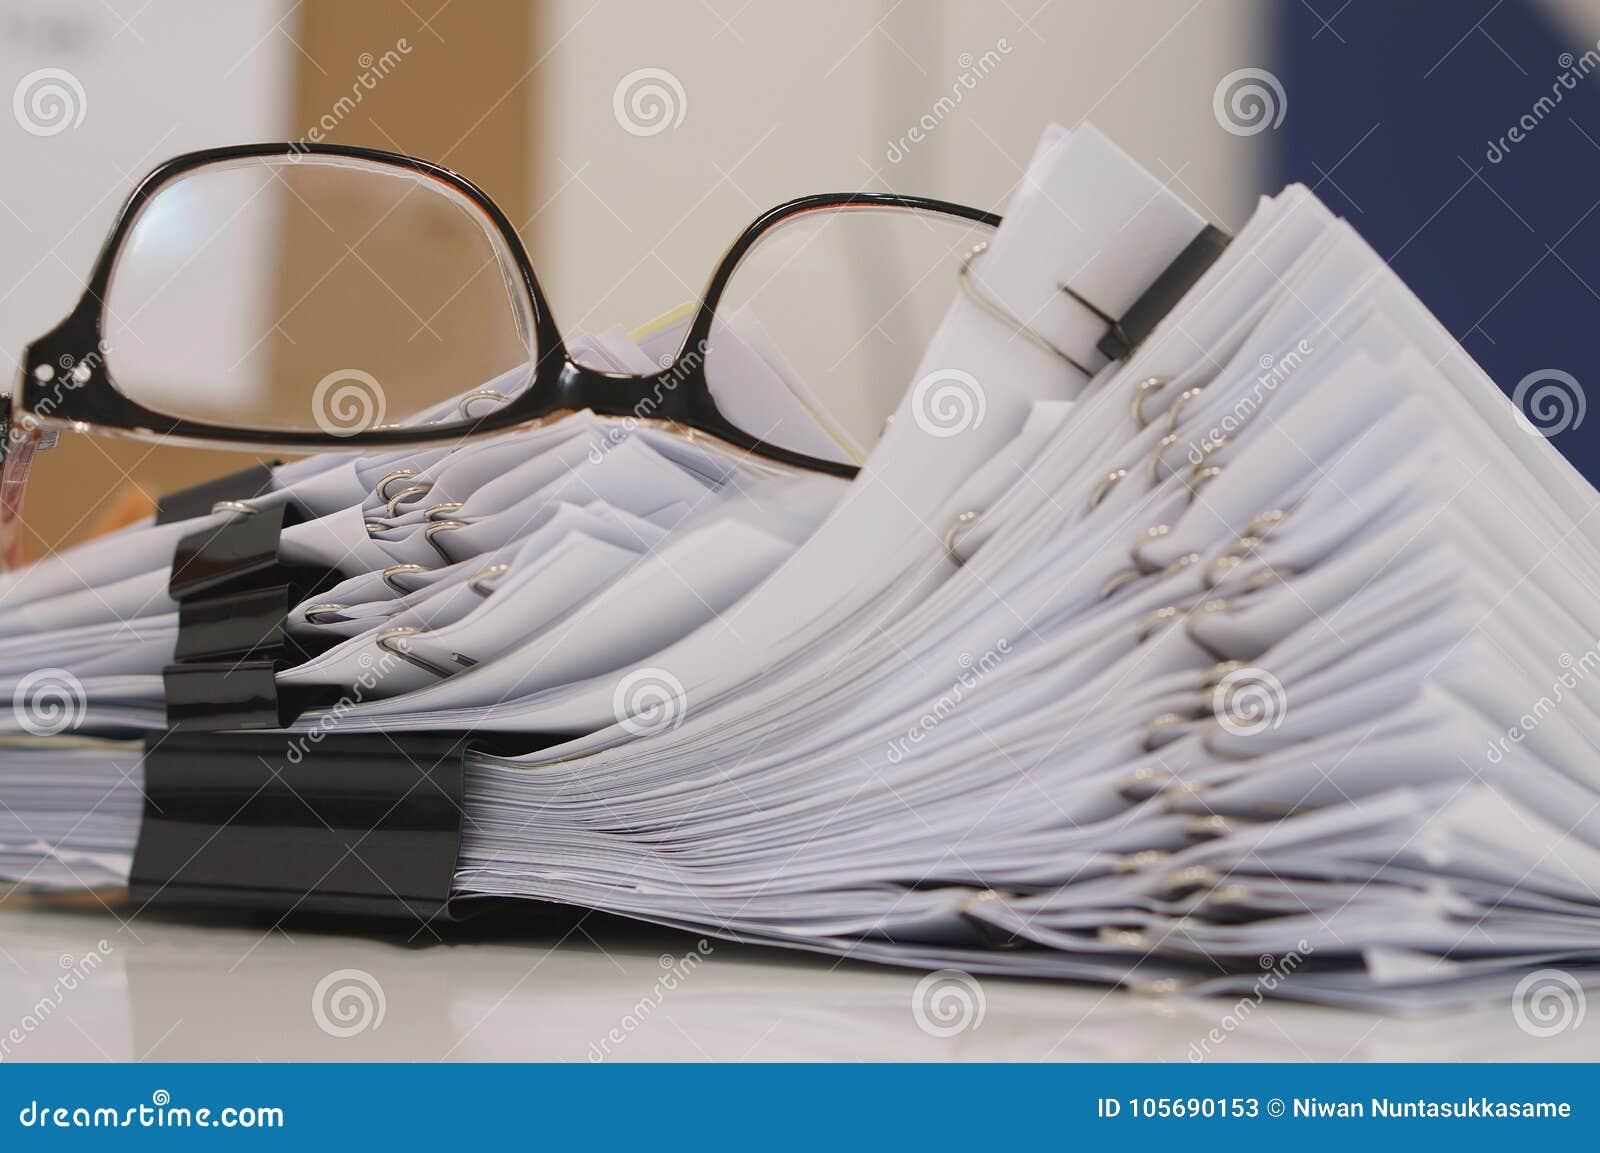 Gläser gelegt auf fertiges Dokument am Arbeitsplatz in Morgen